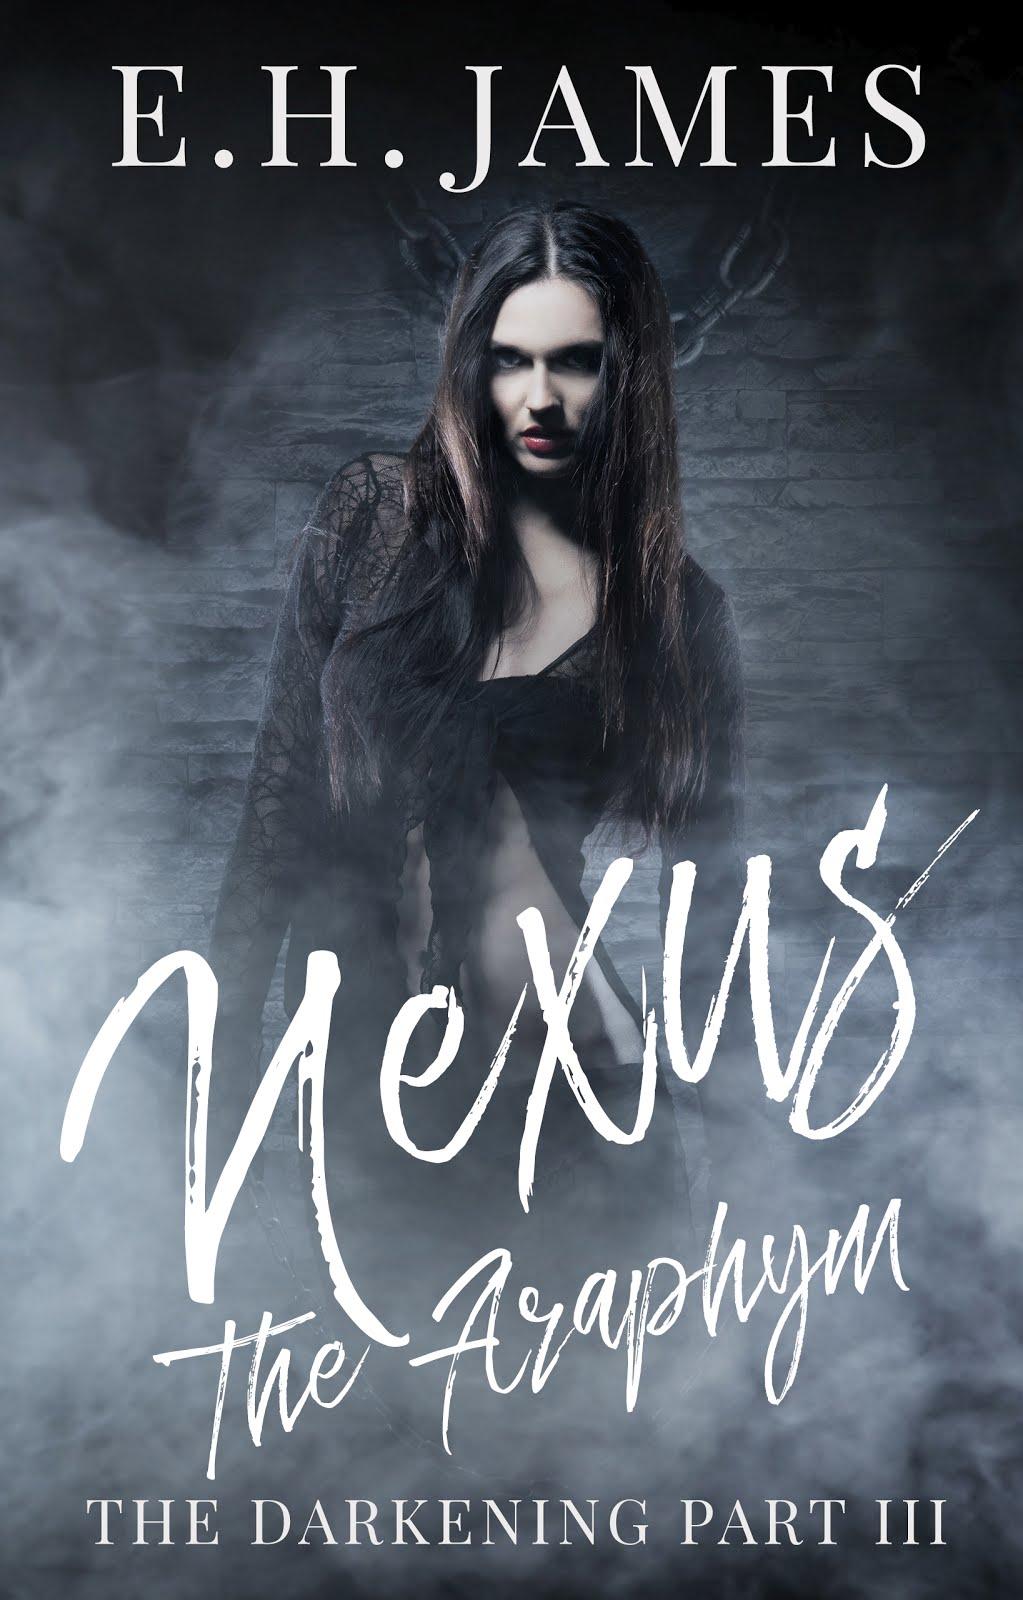 Horror/Paranormal Novelette